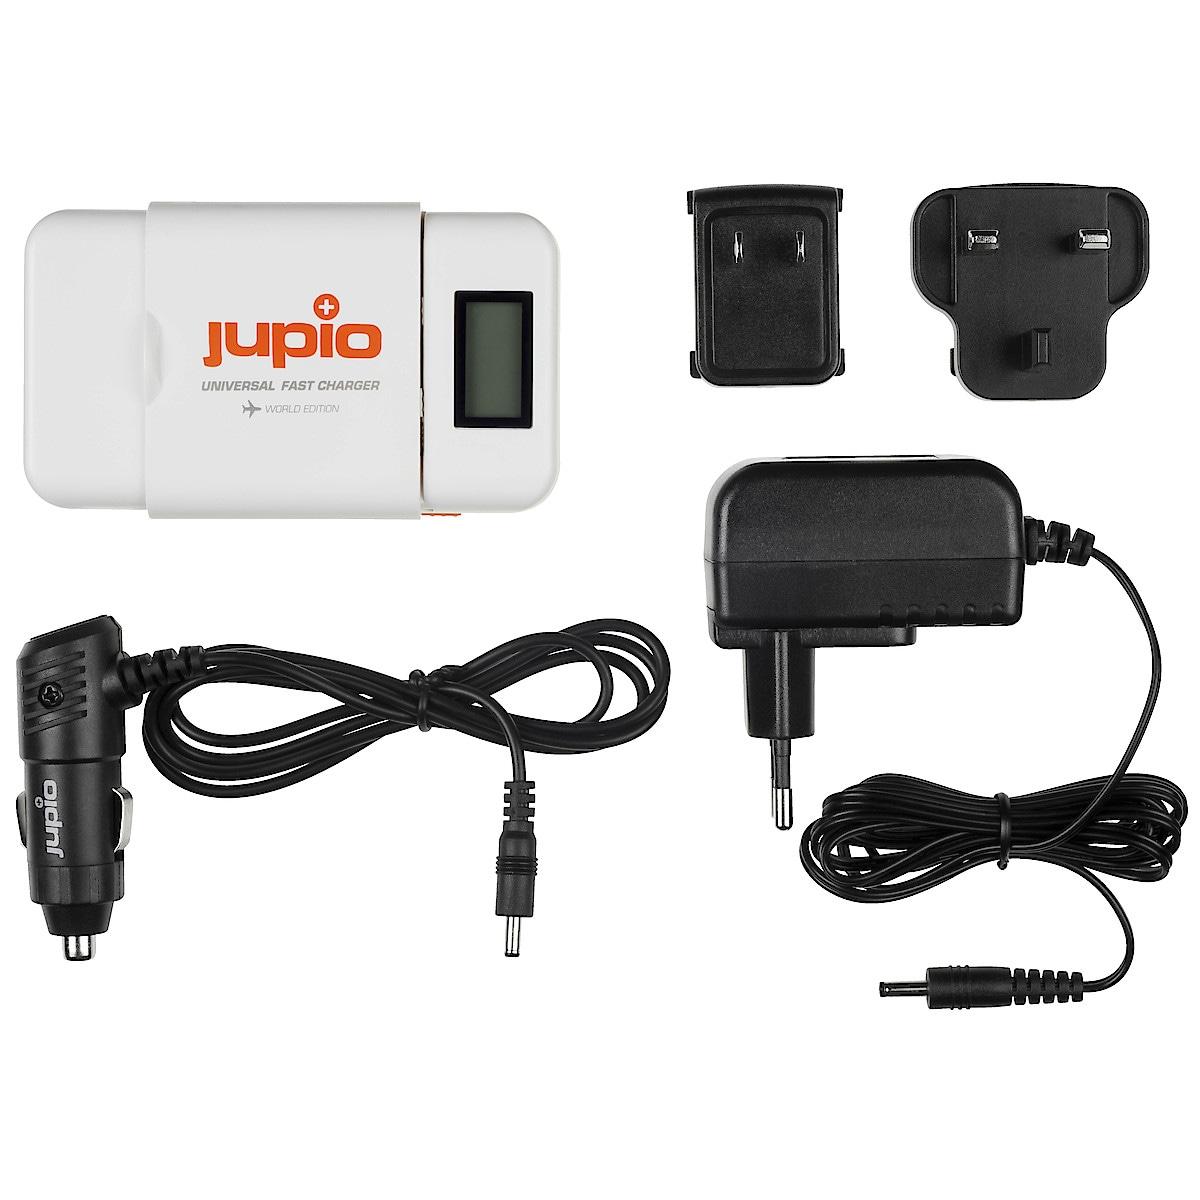 Universalladegerät Jupio LUC0060